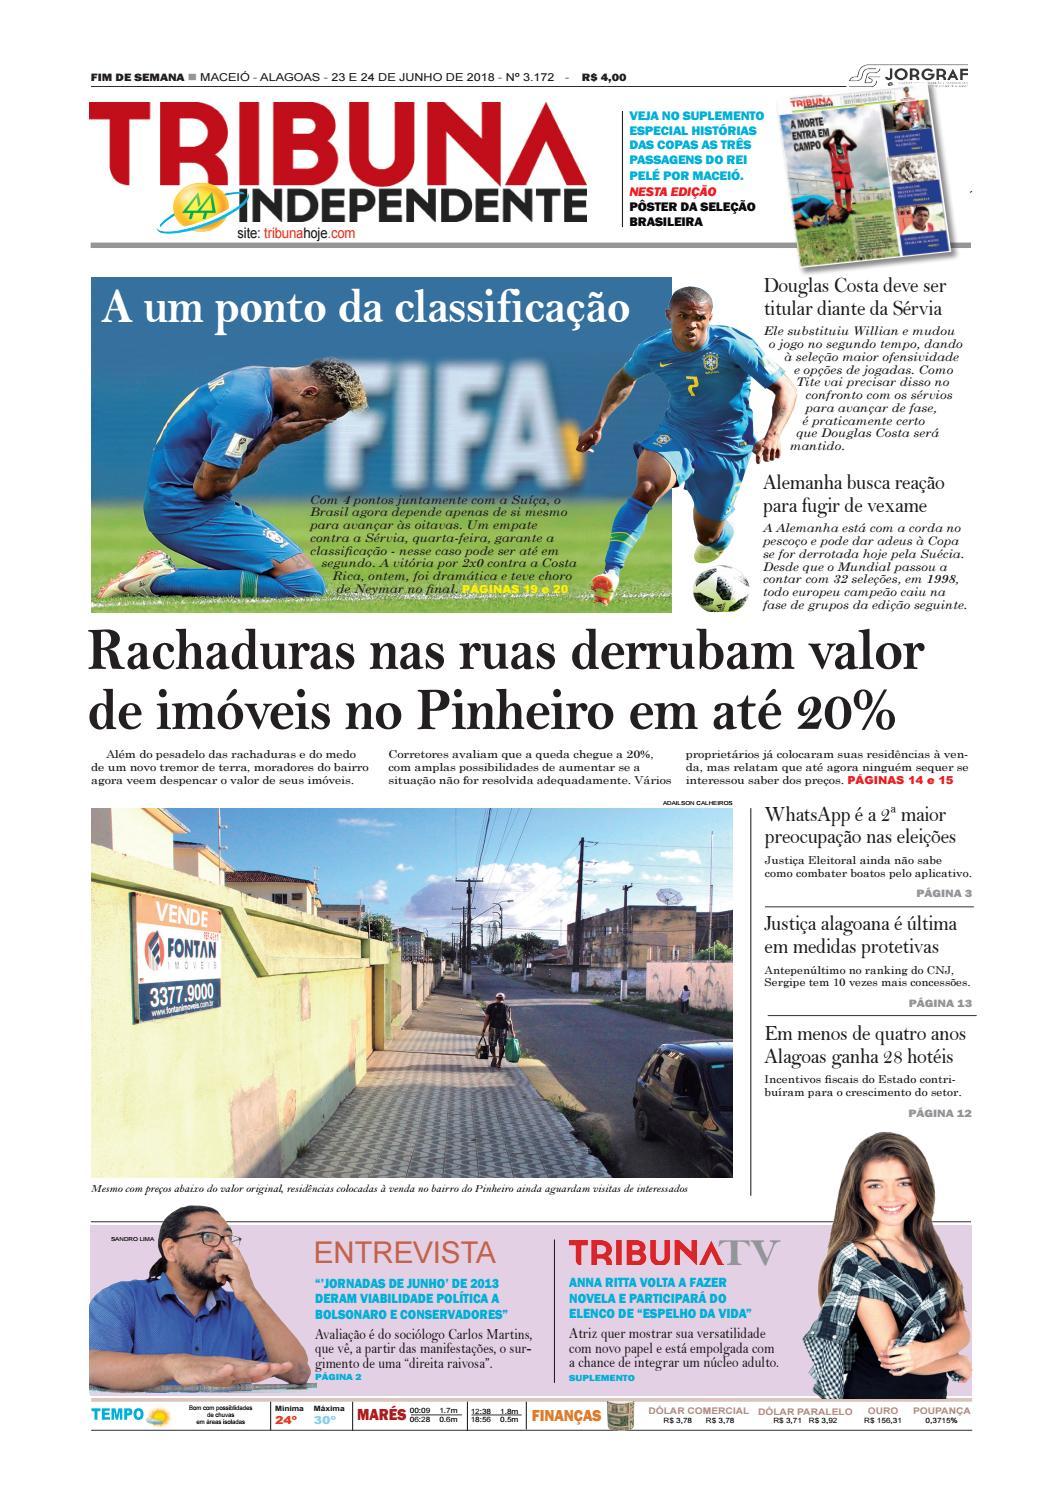 eda9b6cc8 Edição número 3172 - 23 e 24 de junho de 2018 by Tribuna Hoje - issuu